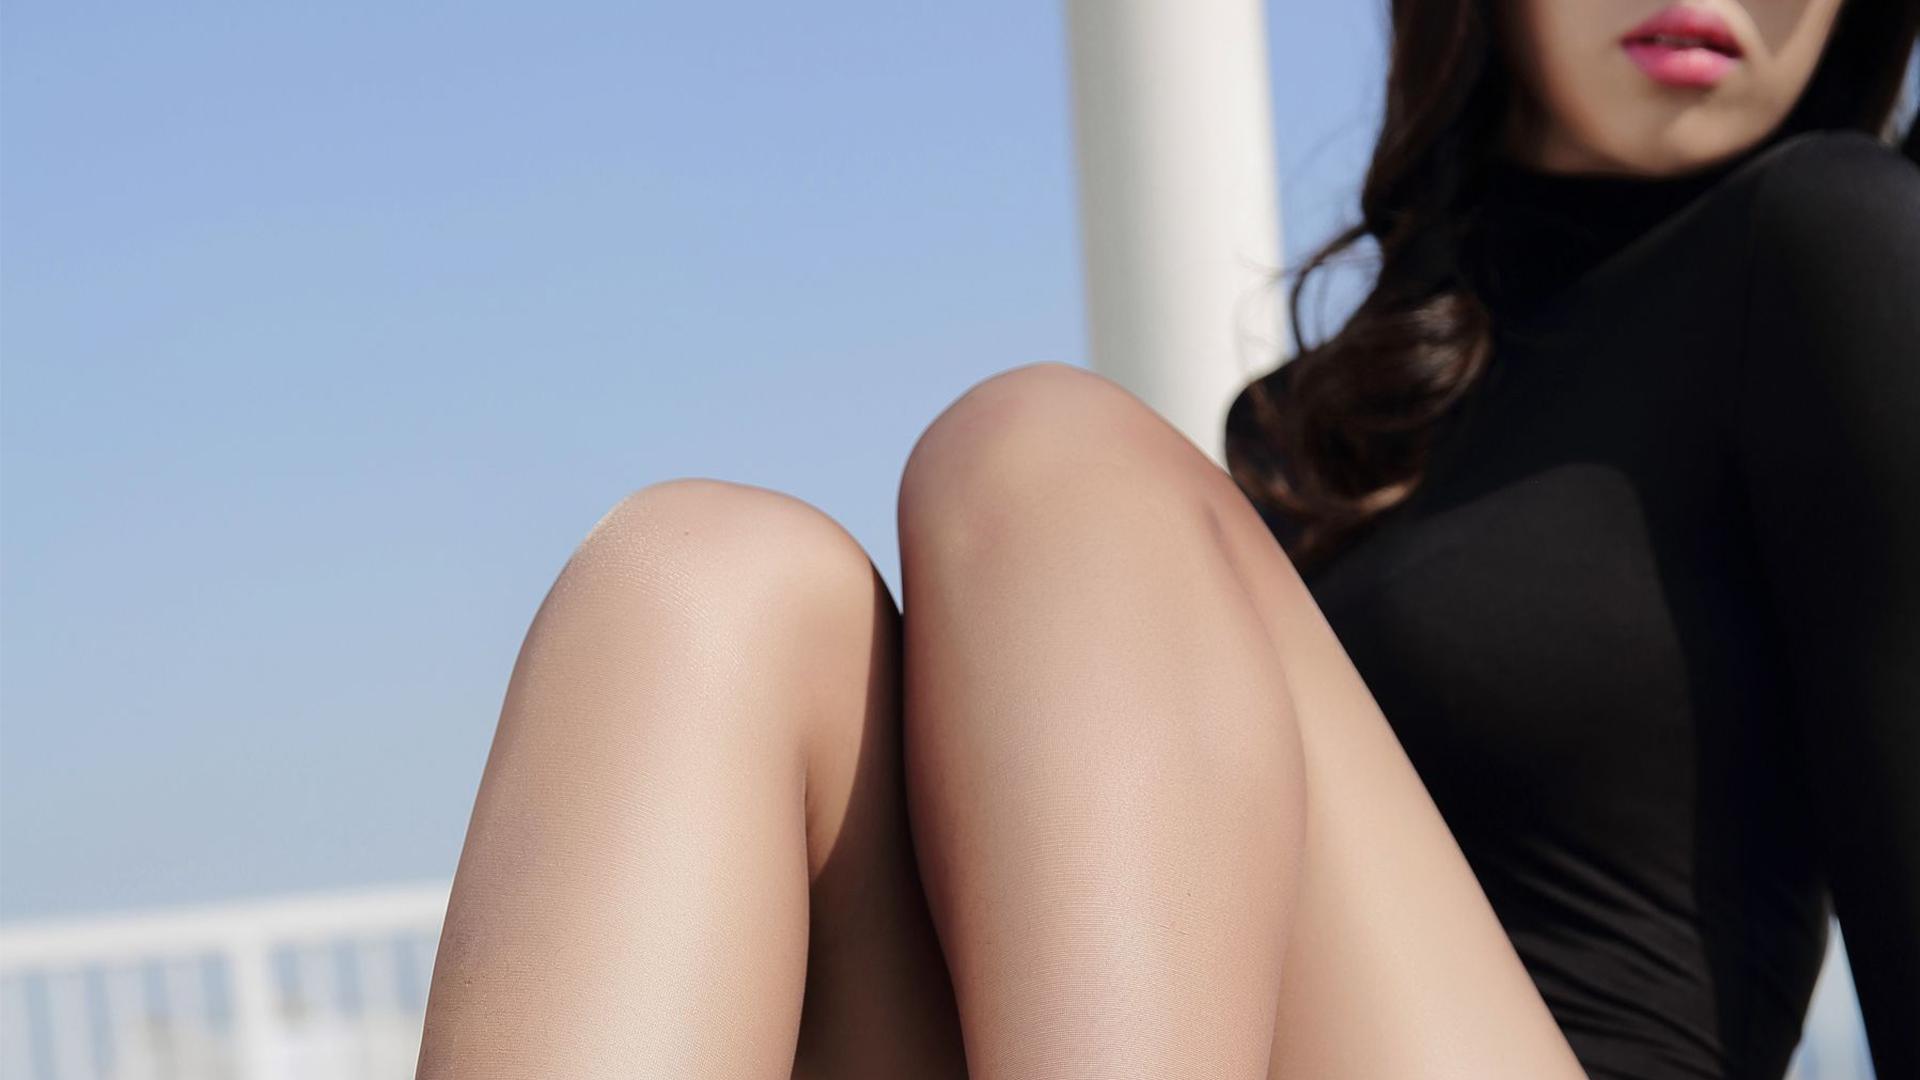 大胸美女魅惑连体内衣写真高清桌面